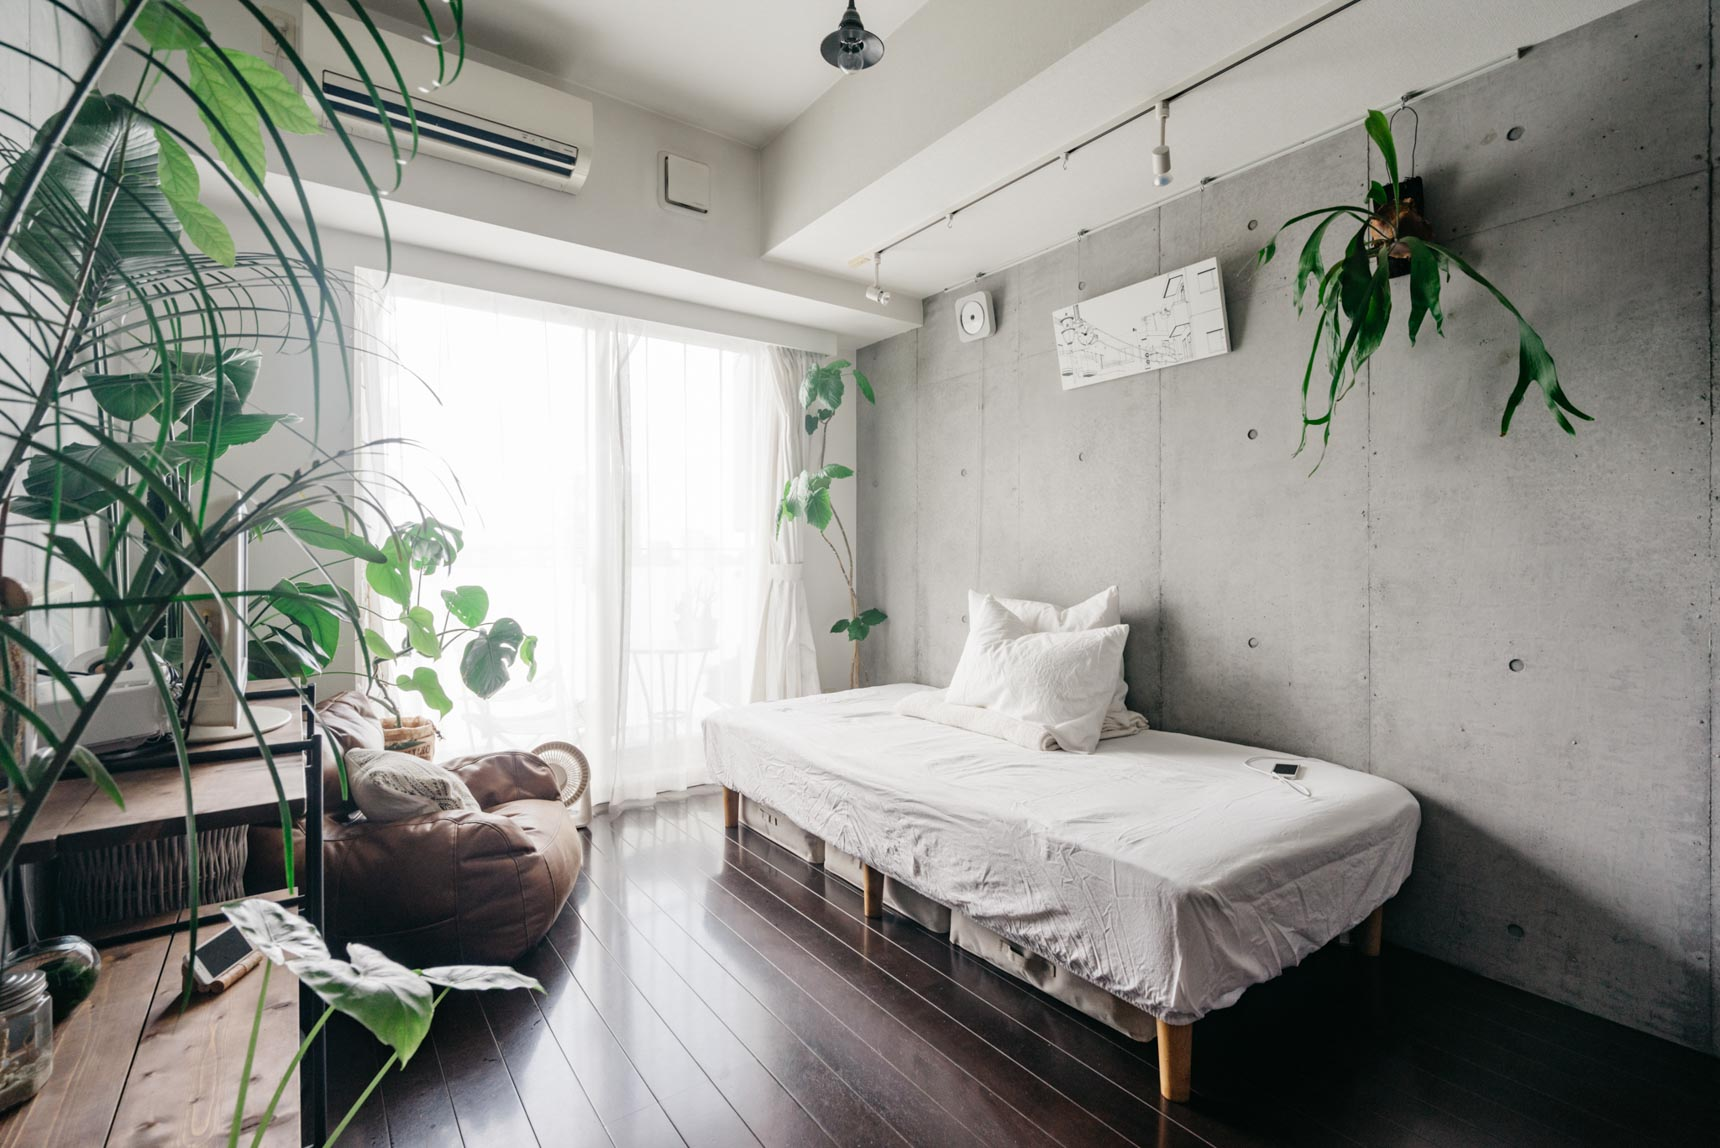 いつも「植物と一緒にお引越し」をされているという、0.1kgさん。 選んだのは、ベランダがあり、植物にきちんと光の当たるお部屋。 コンクリート打ちっ放しの無機質な雰囲気が気に入ったという、6畳ほどのデザイナーズのお部屋です。